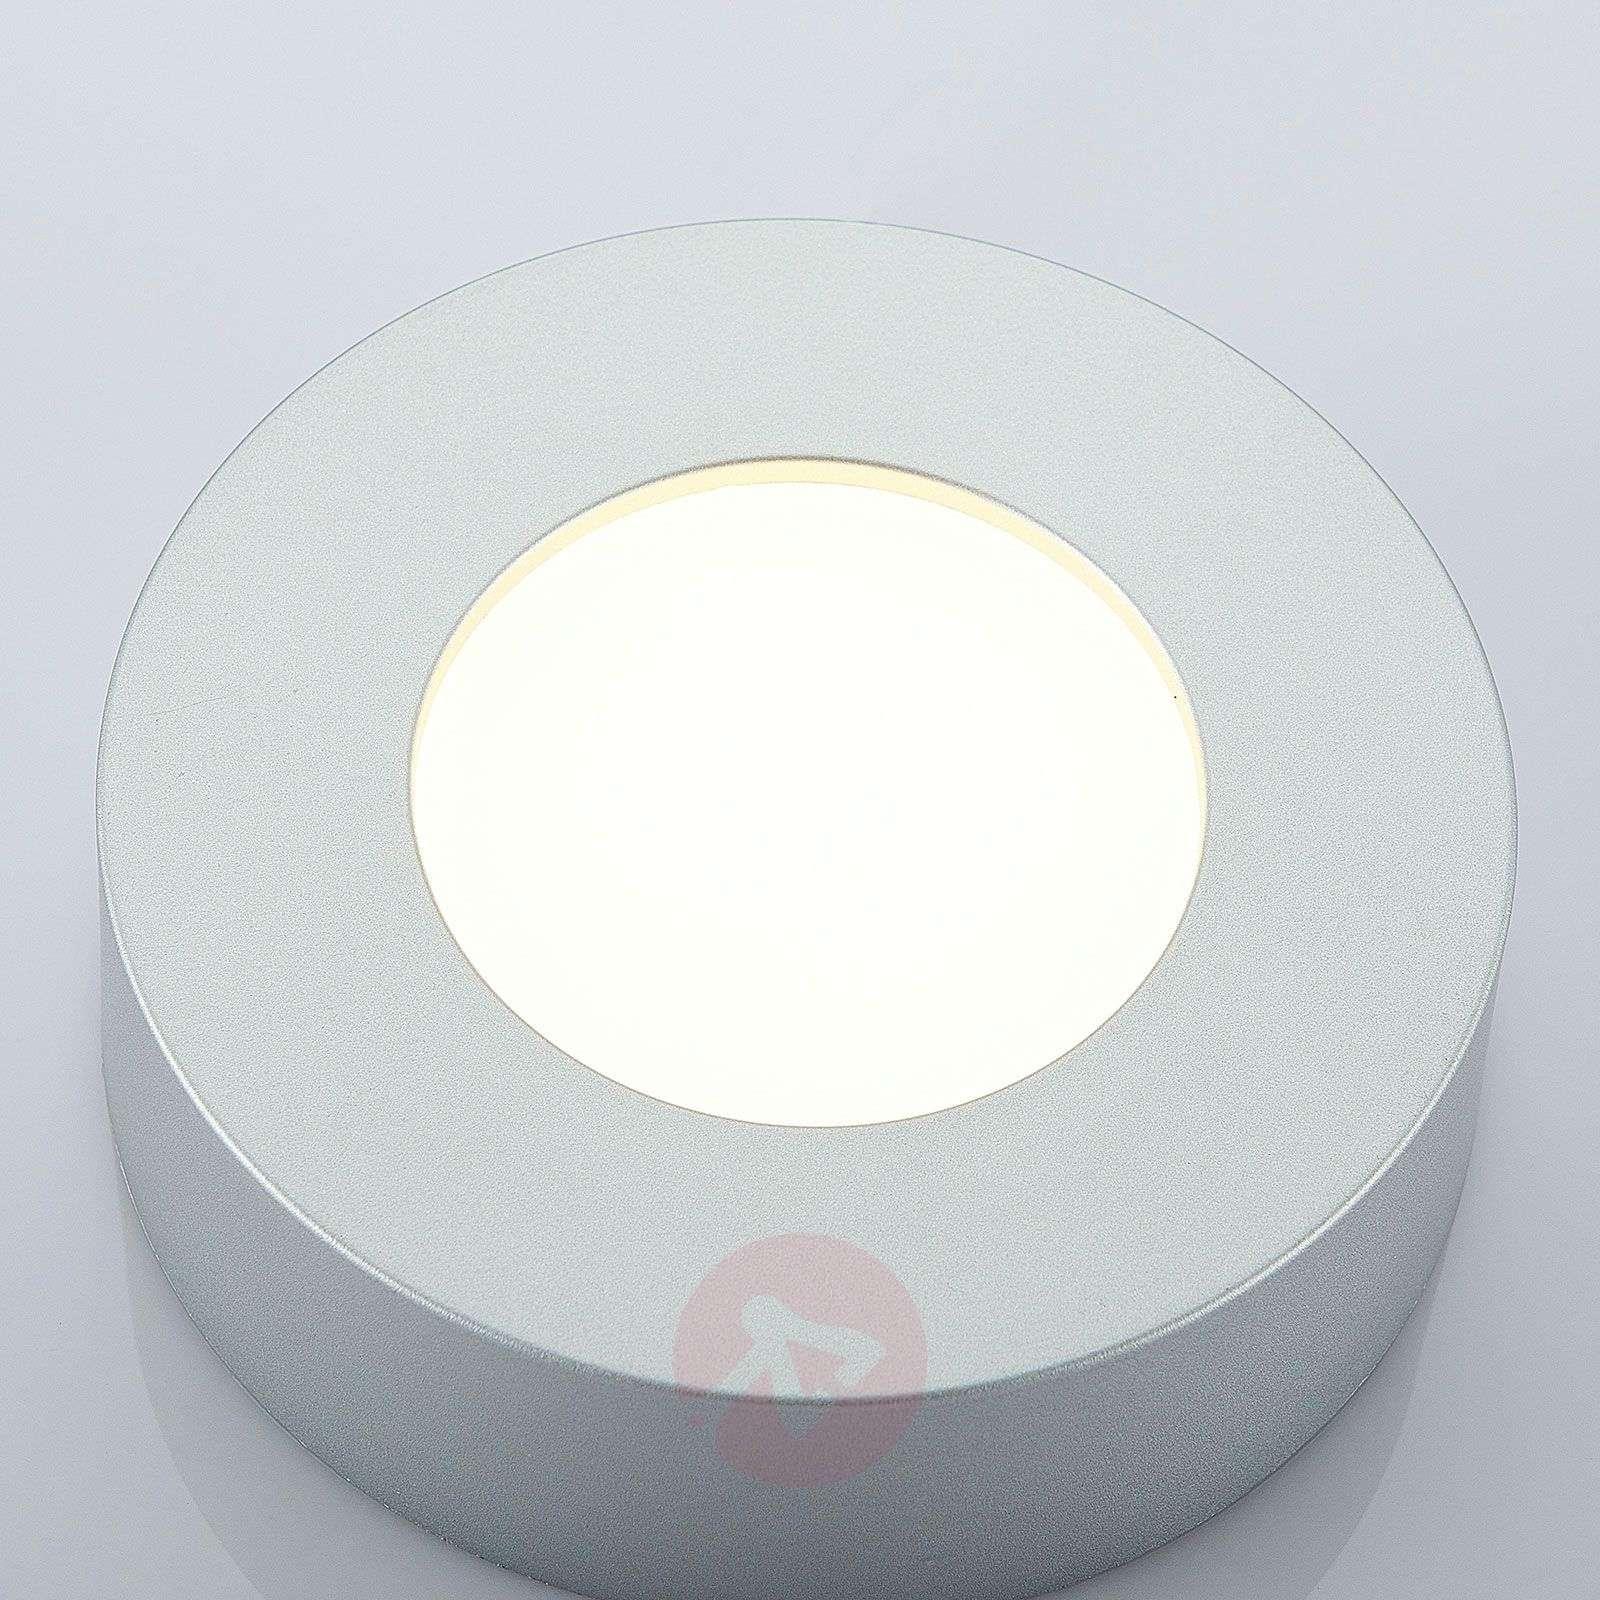 LED-kattovalo Marlo hopea 3000K pyöreä 12,8 cm-9978051-02